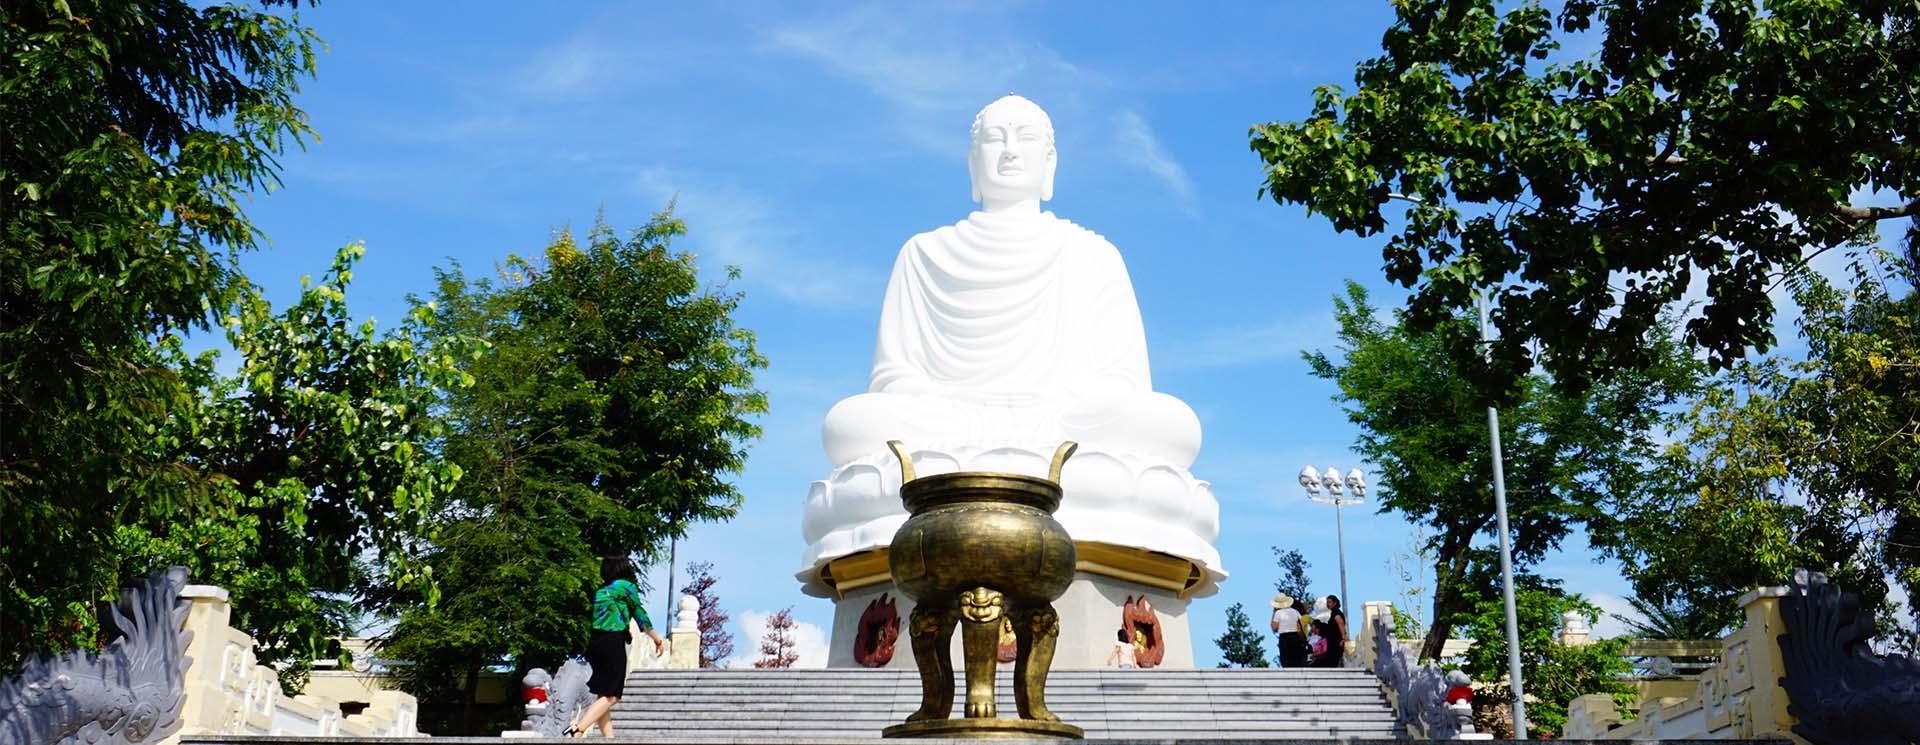 Pho tượng Kim Thân Phật Tổ